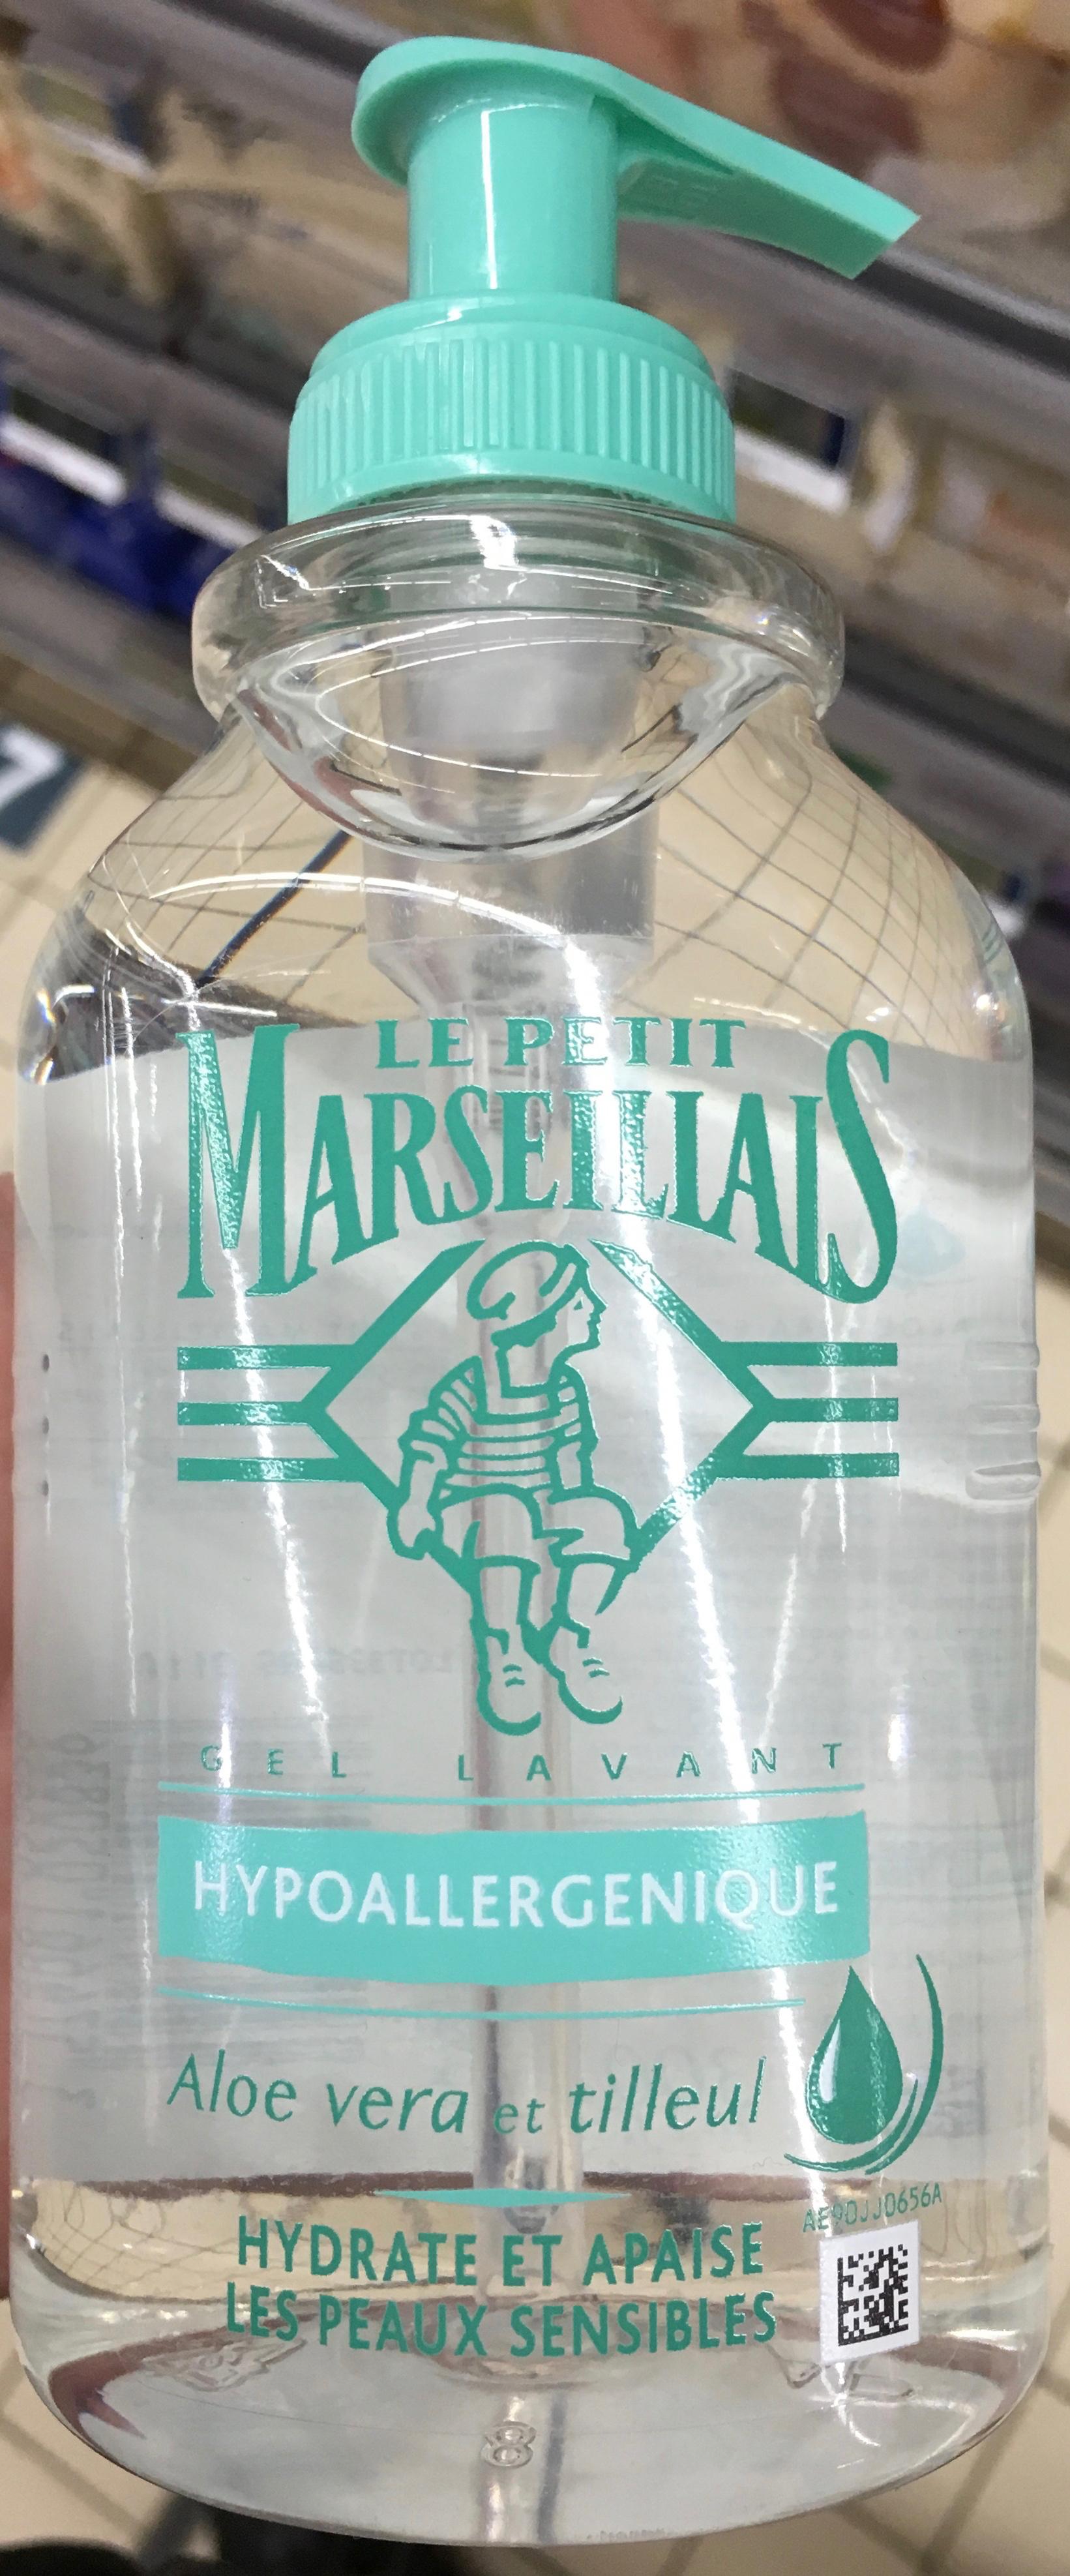 Gel lavant hypoallergenique aloe vera et tilleul - Produit